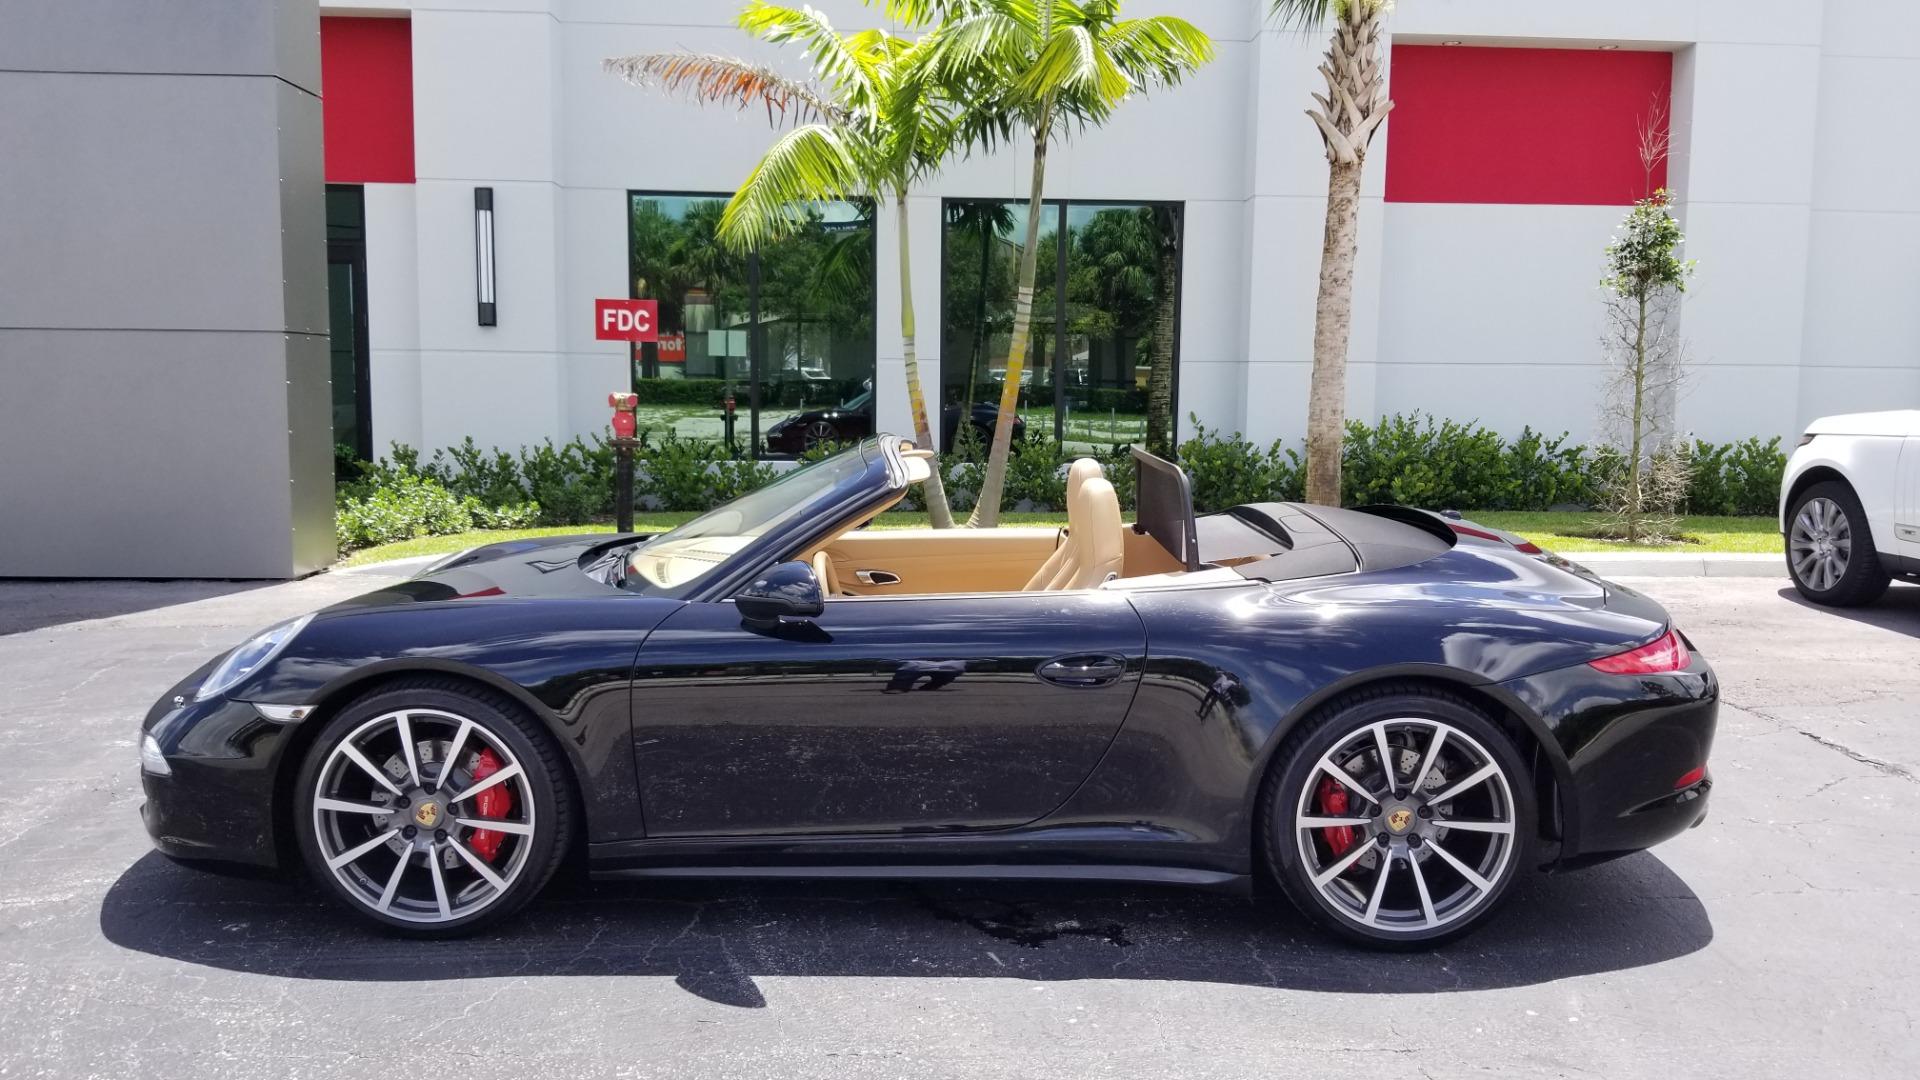 Used 2013 Porsche 911 Carrera 4s Cabriolet Carrera 4s For Sale